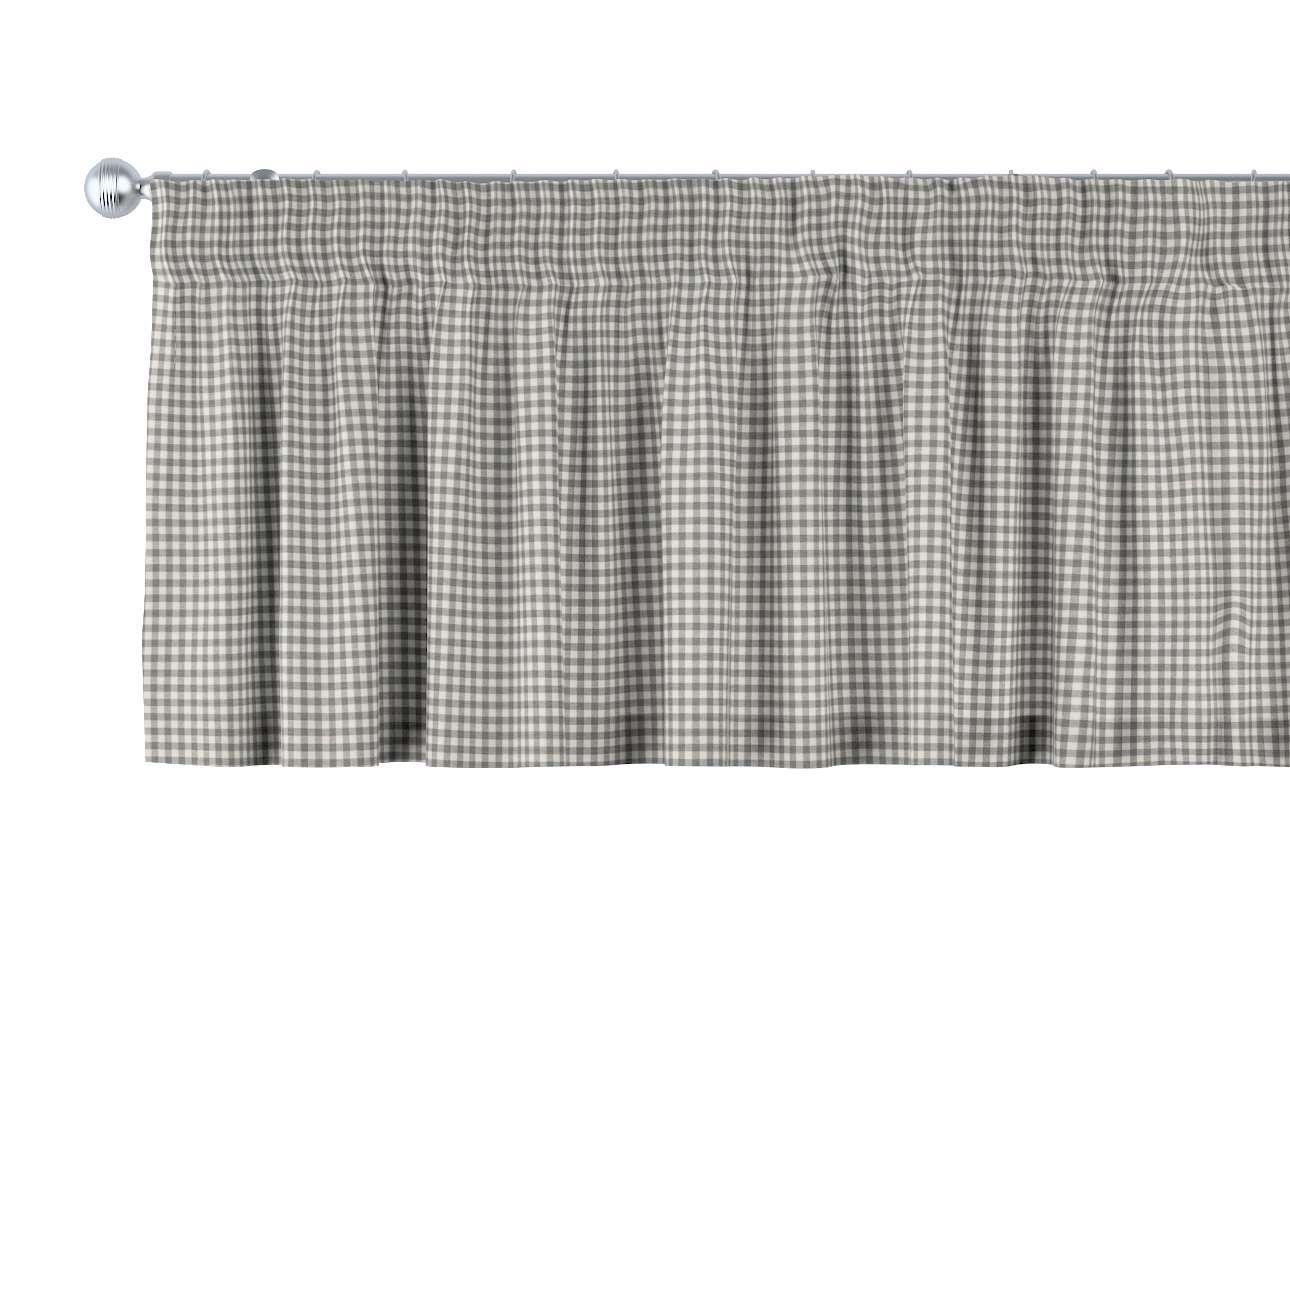 Trumpa užuolaidėlė (lambrekenas) pieštukinis klostavimas 130 x 40 cm kolekcijoje Quadro, audinys: 136-10